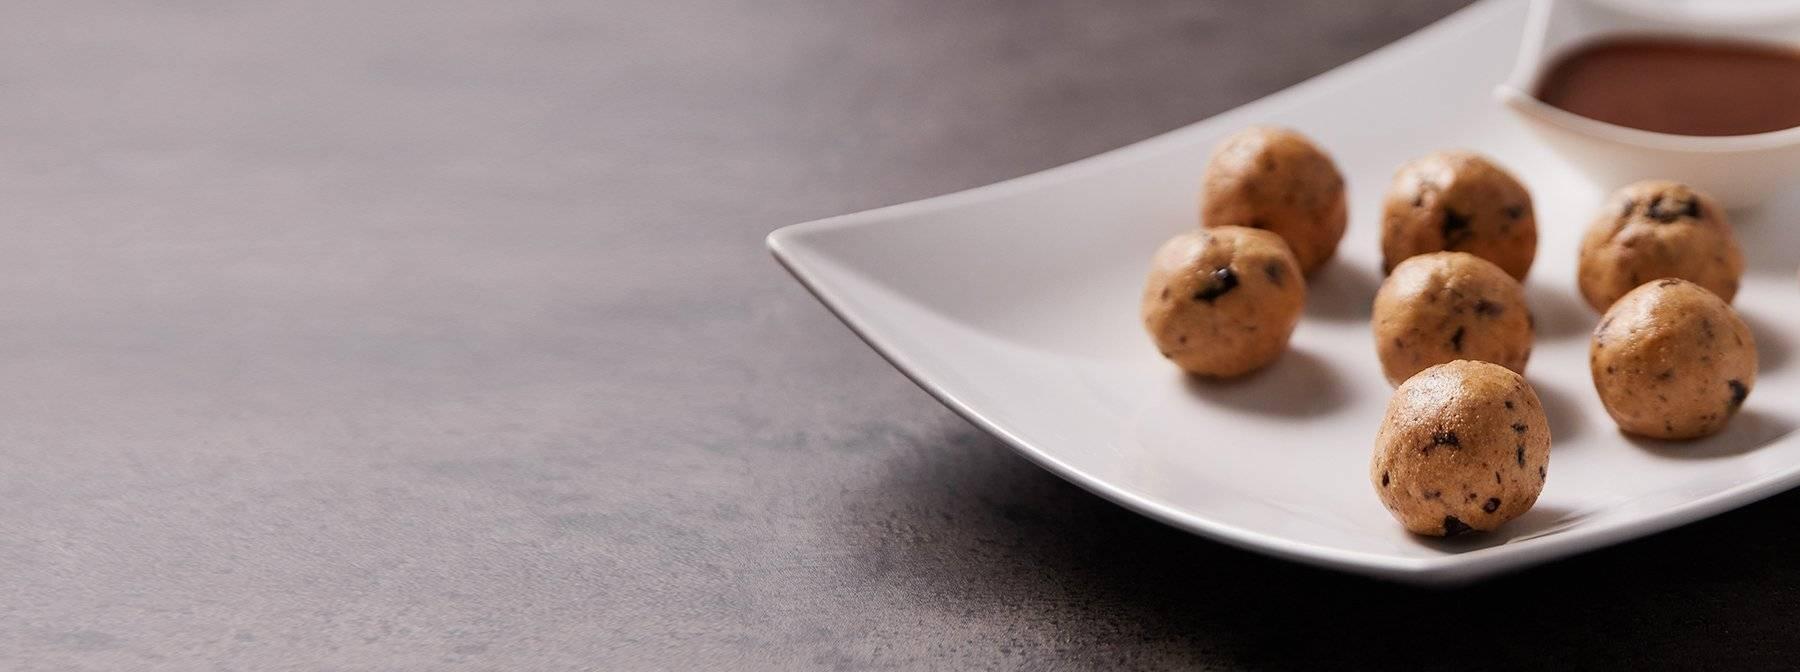 Peanut Butter Cookie Dough Bites | Gesunde, proteinreiche Snacks